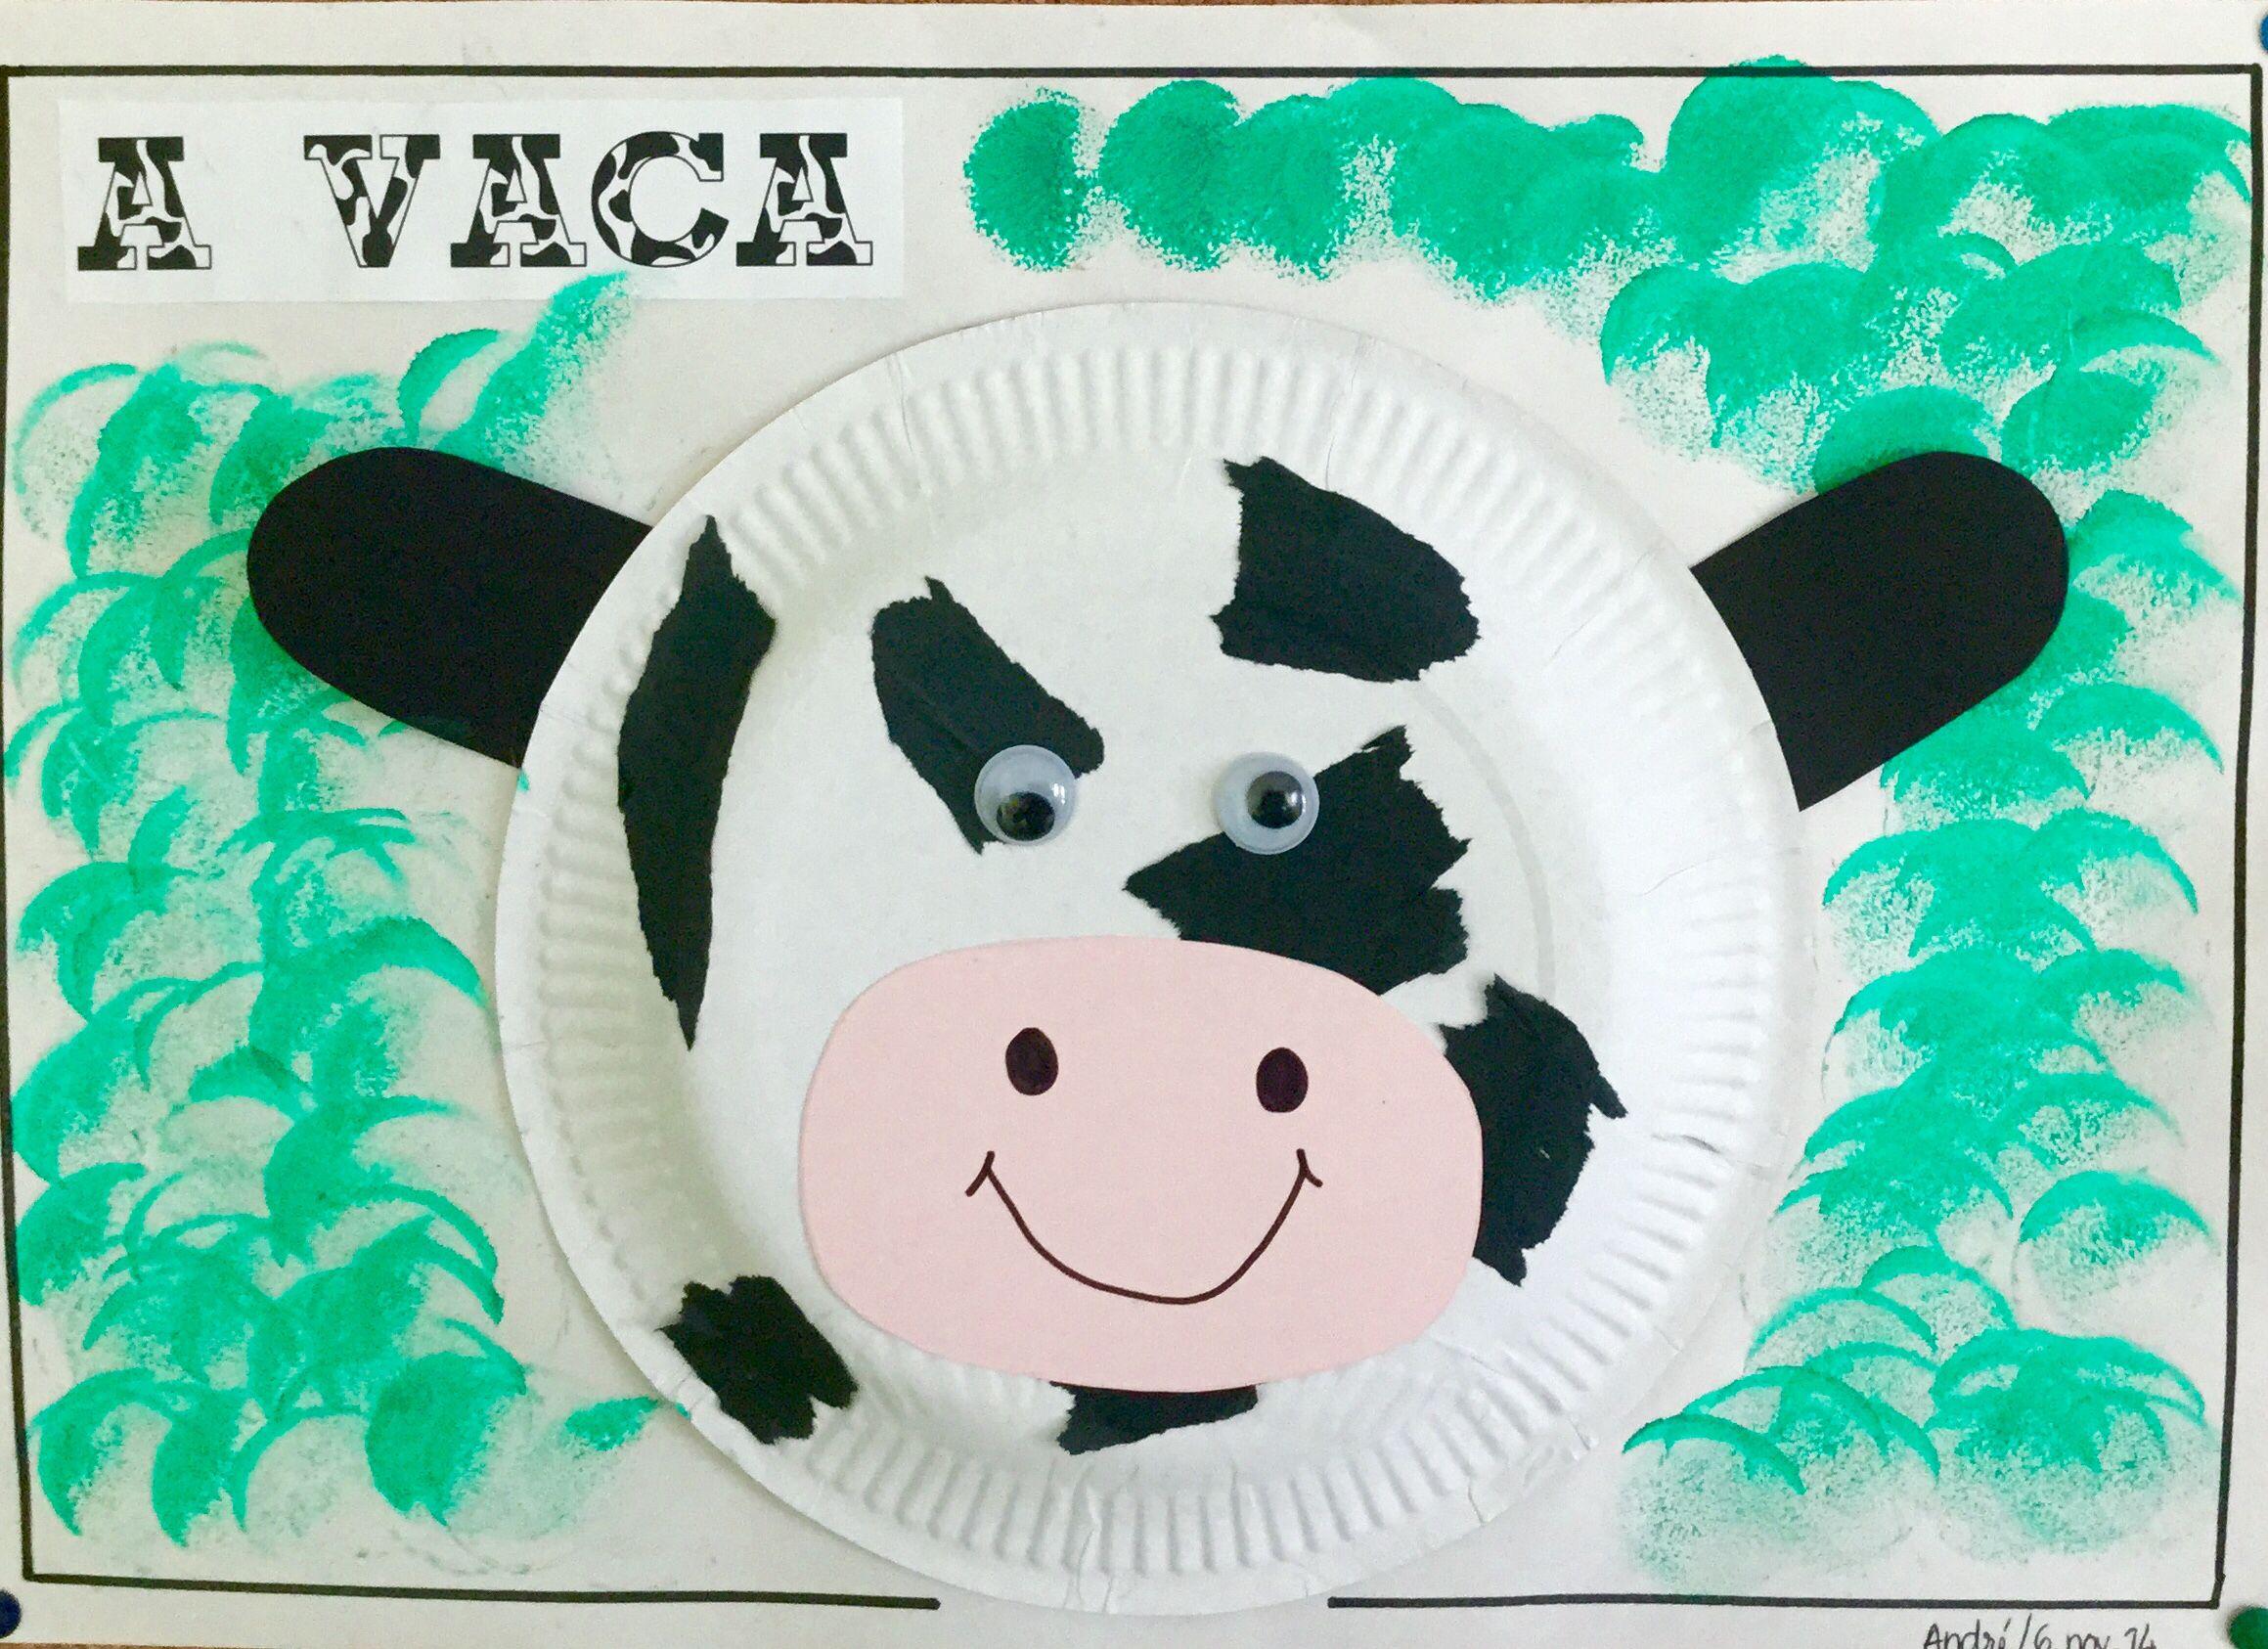 Animais da quinta. Colar pedaços de papel de seda preto. Trabalho realizado por crianças de 1 ano. #ColégioMonteFlor